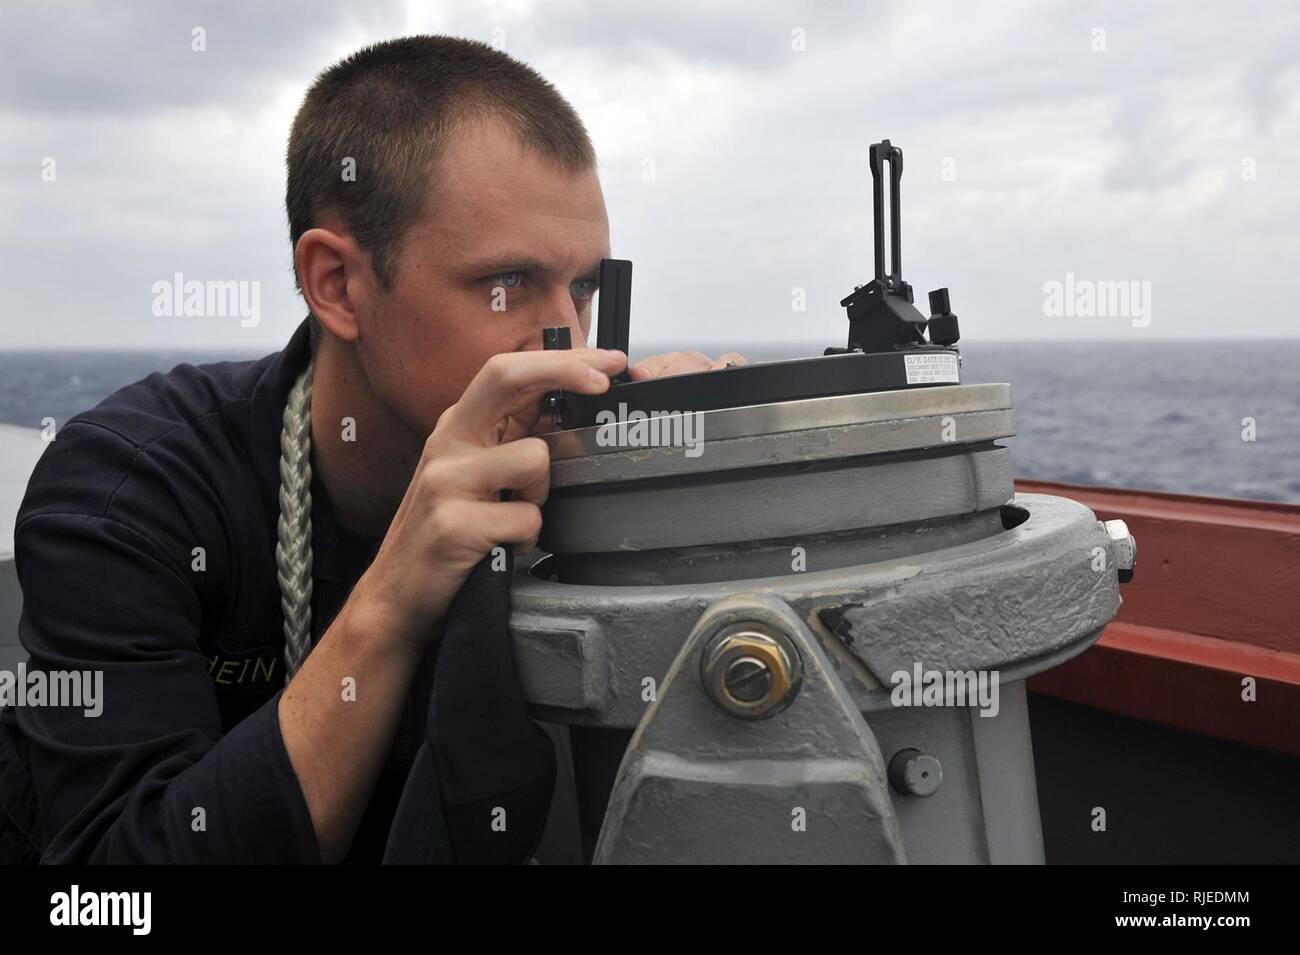 Mar de Filipinas (Nov. 6, 2012) enseña Mateo Hein, asignado a la clase Arleigh Burke de misiles guiados destructor USS McCampbell (DDG 85), lleva un cojinete en el ala del puente. McCampbell es parte de la George Washington Carrier Strike Group, con sede fuera de Yokosuka, Japón, y está llevando a cabo una patrulla del Pacífico occidental en apoyo de la seguridad regional y la estabilidad de la región Asia-Pacífico vital. Foto de stock